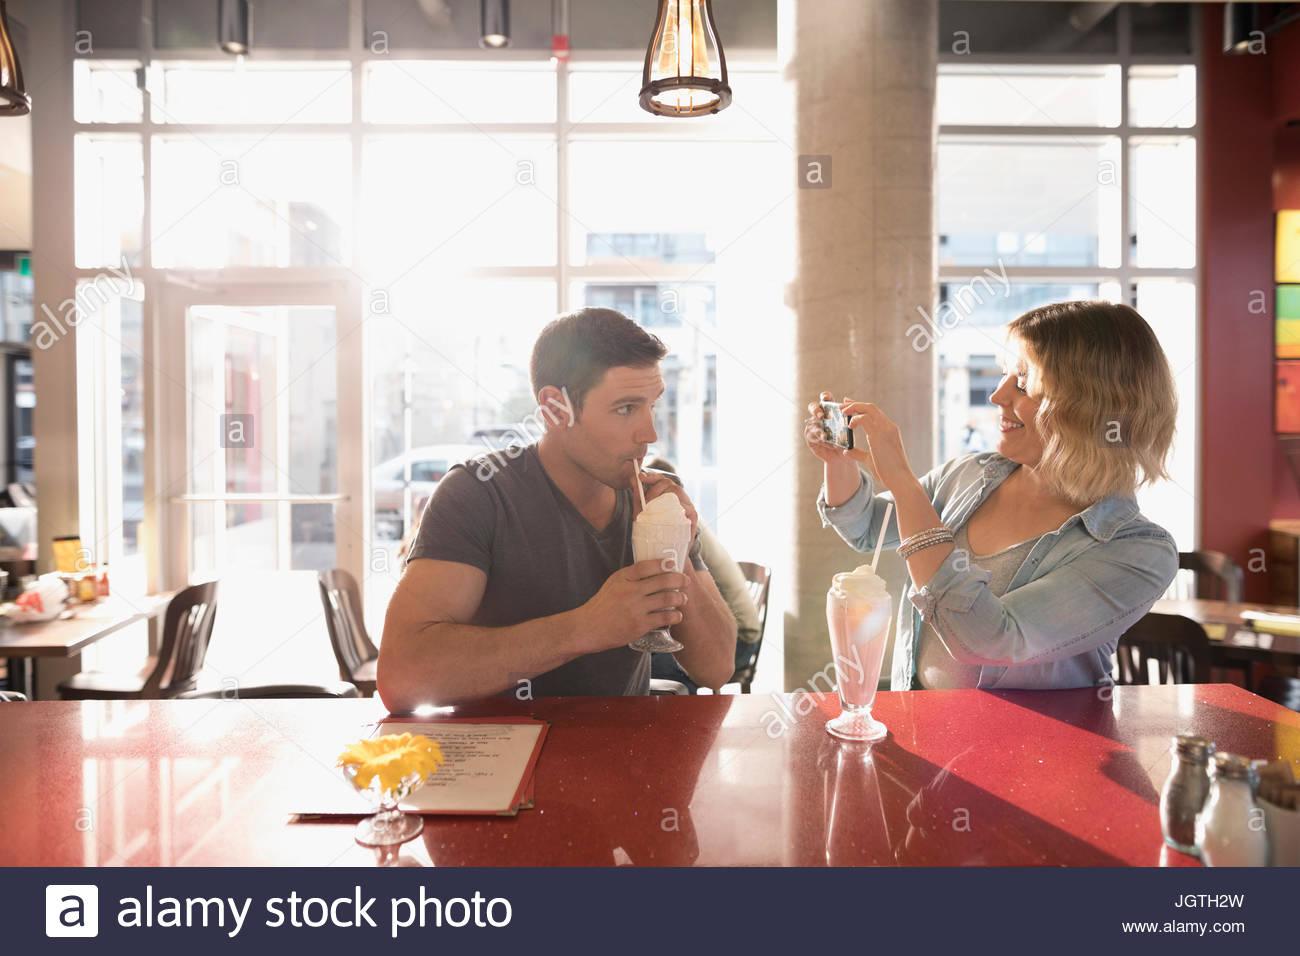 Novia con cámara teléfono fotografiar novio beber batido en diner counter Imagen De Stock